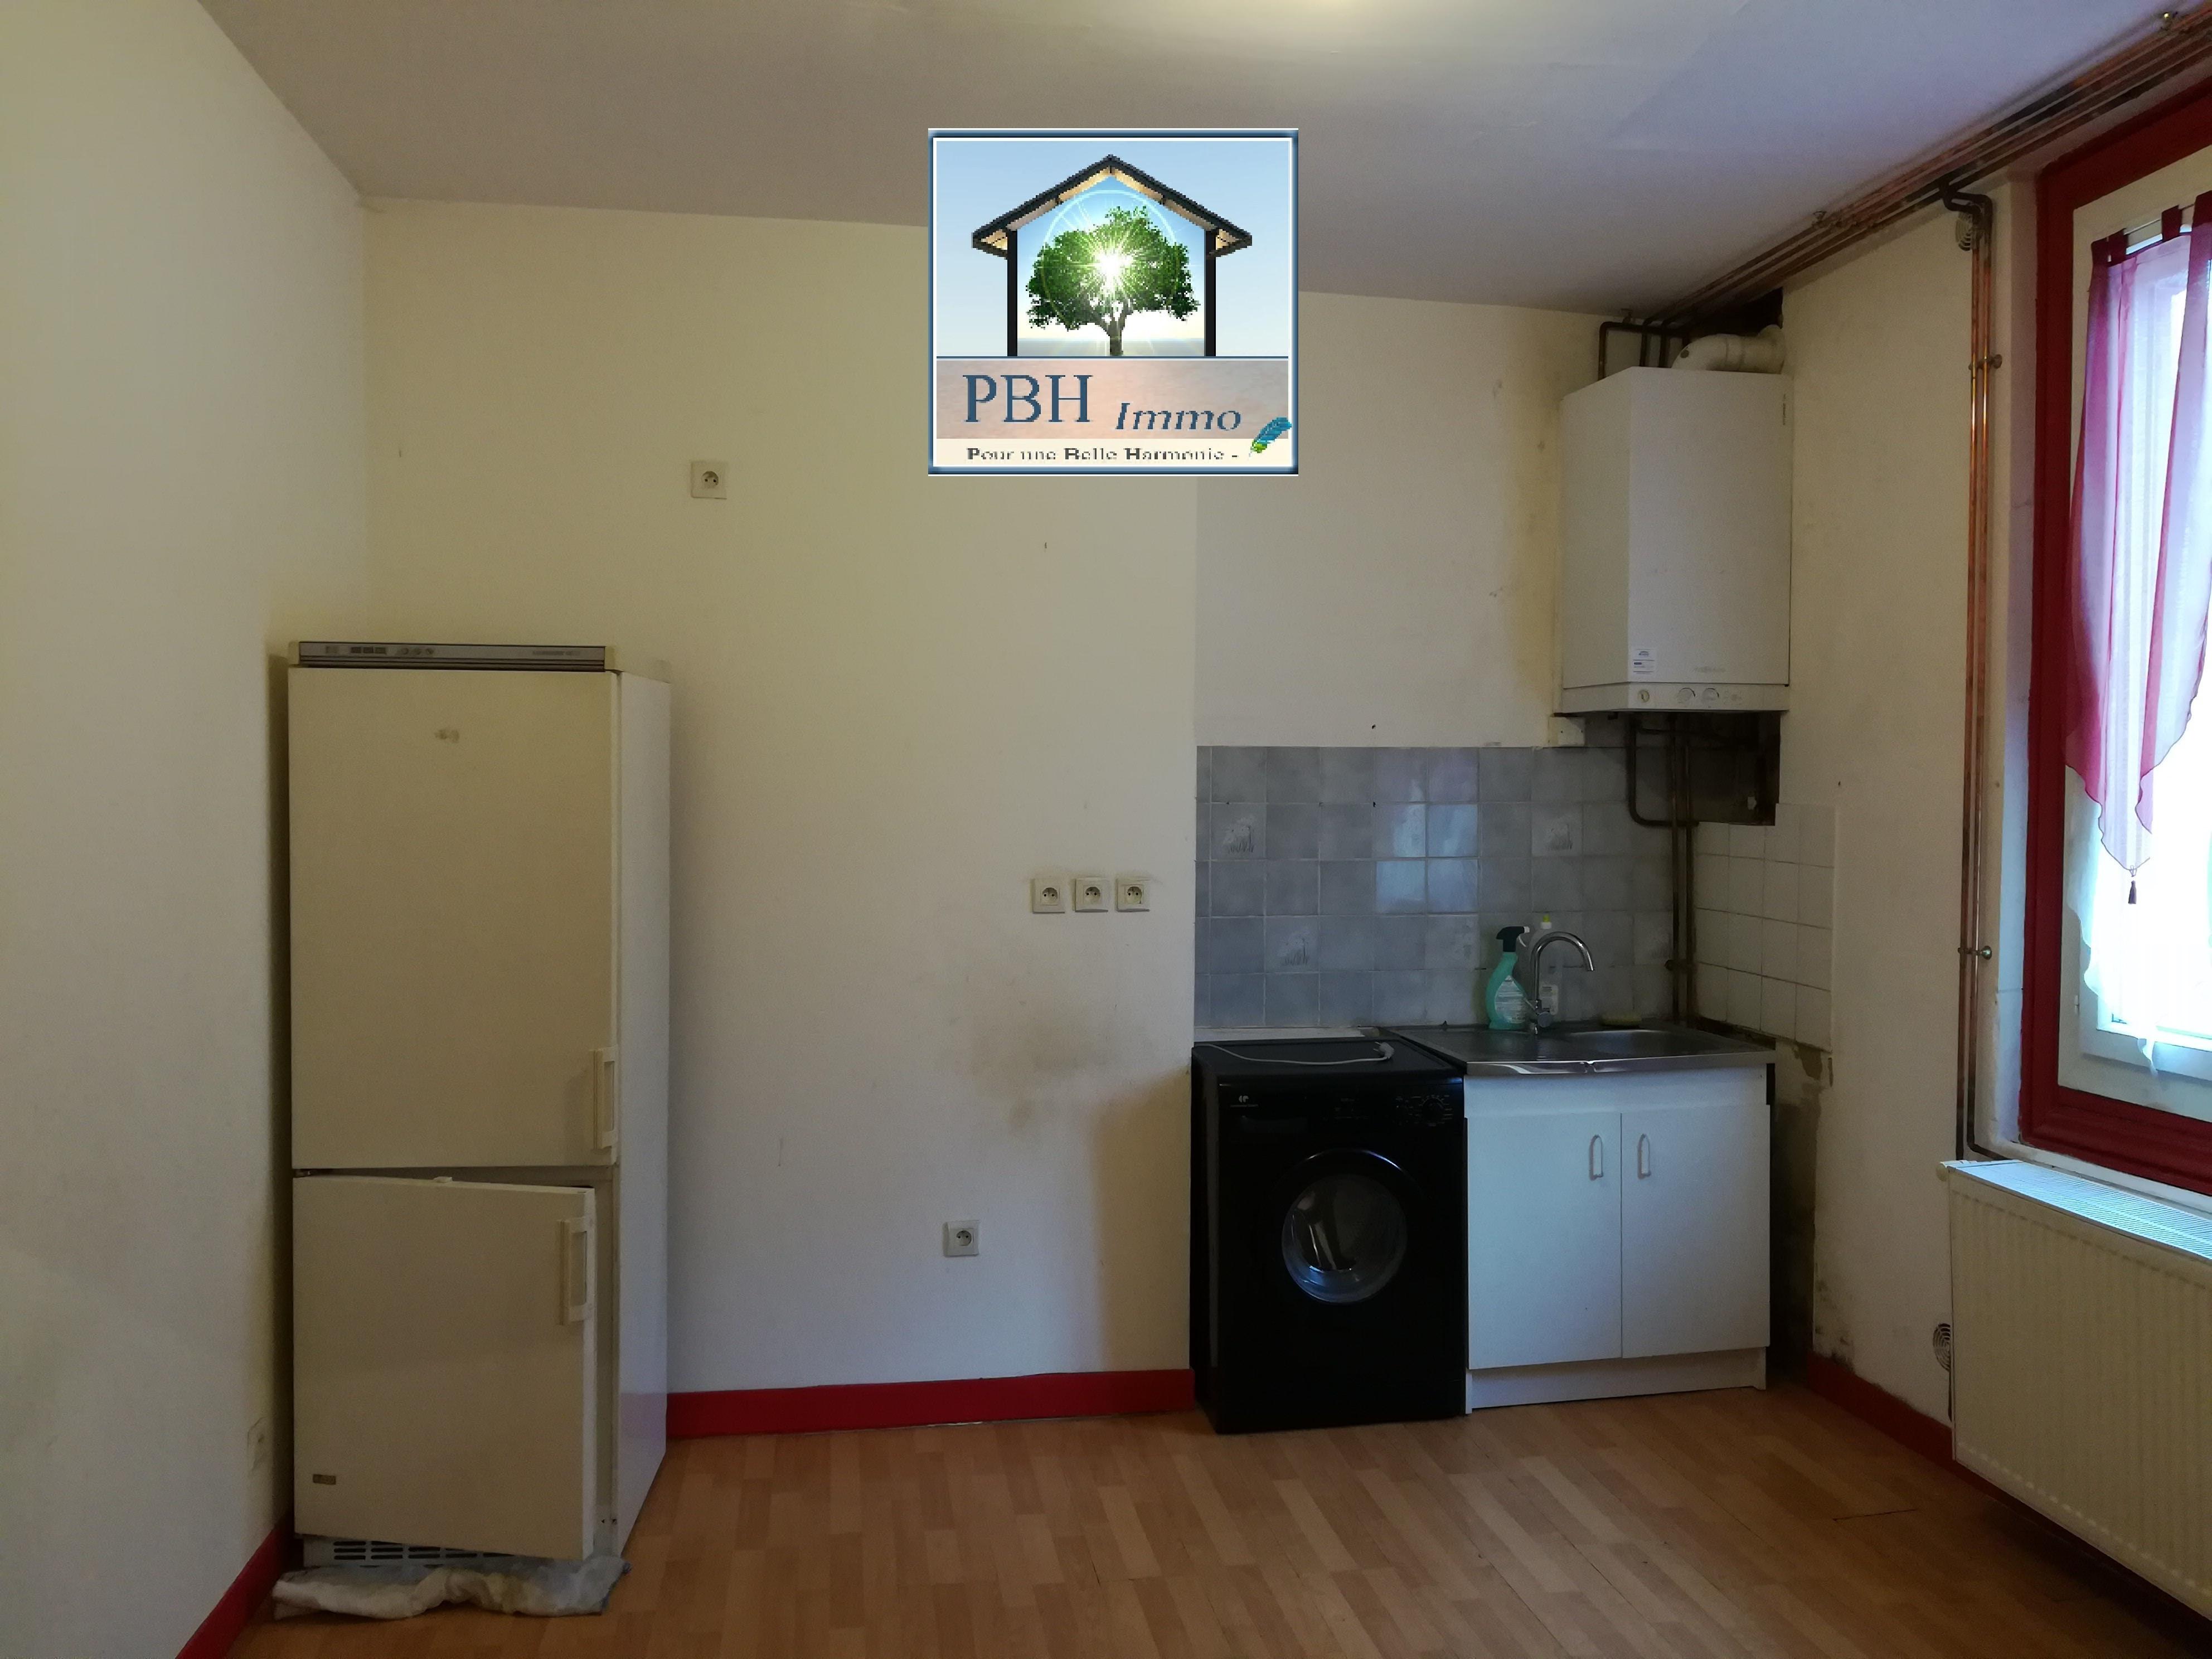 vente appartement 1 pièces LA BOURBOULE 63150